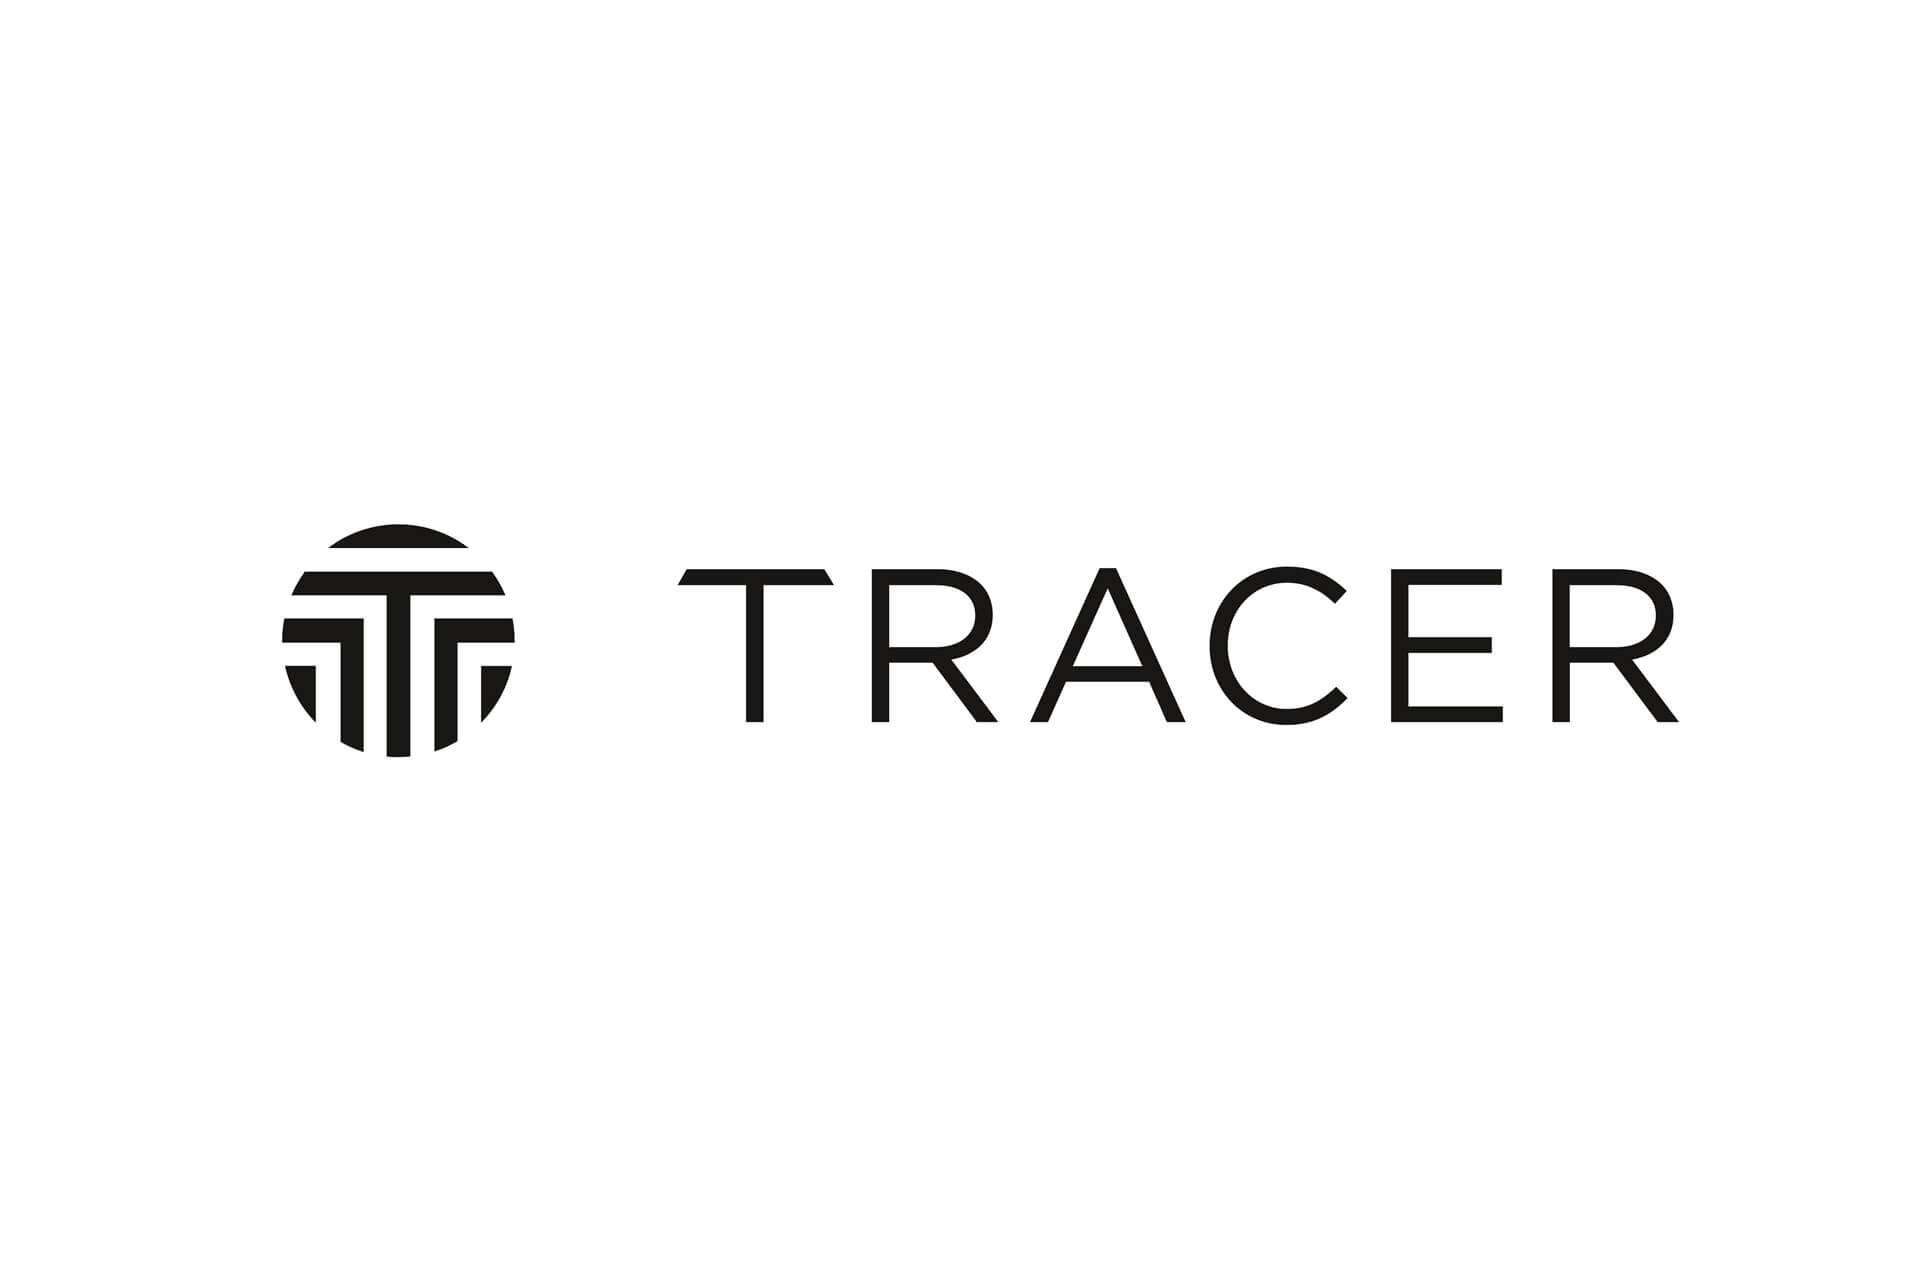 tracer_logo-01